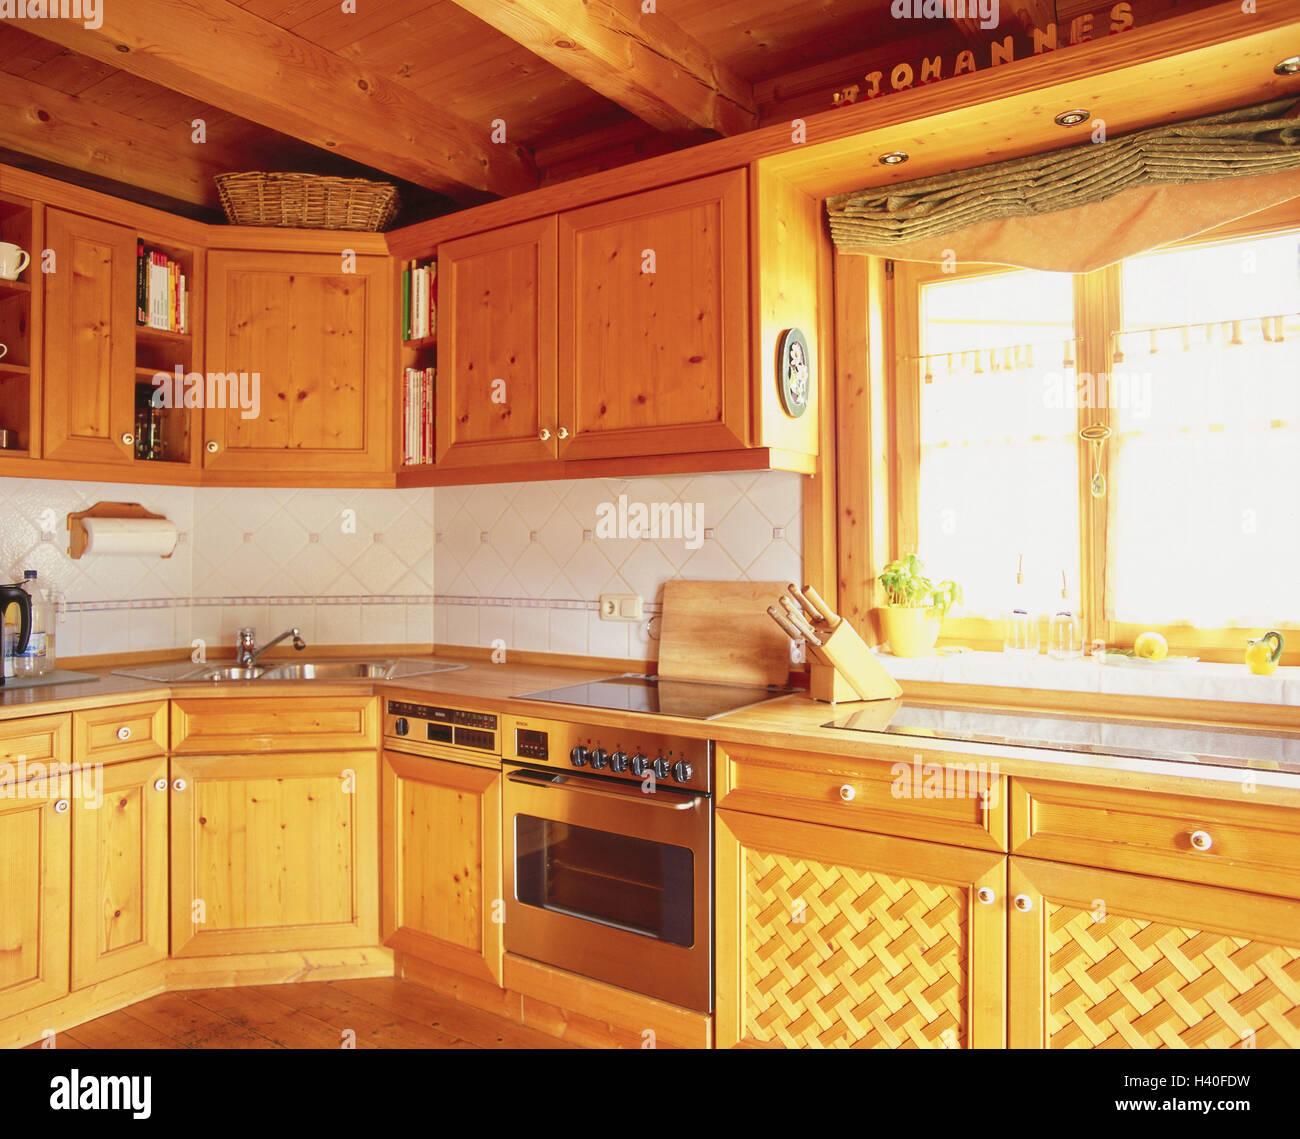 landliche kuche kuchenblock einbaukuche setup rustikal landlich holz landhaus stil wohn stil home dekor innen inneneinrichtung gschranke